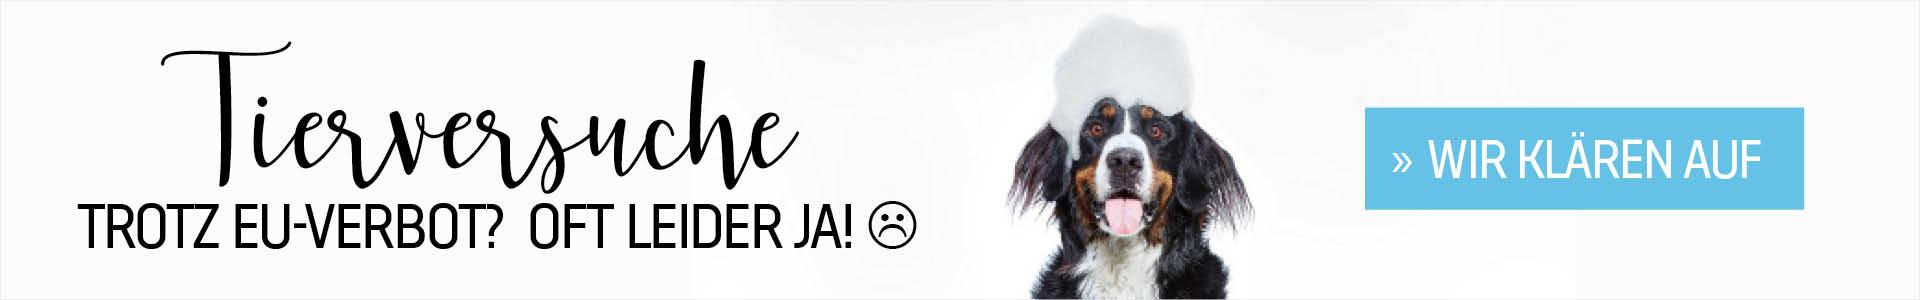 Tierversuche für Kosmetika trotz EU-Verbot | cosa Kosmetik bietet nur Kosmetik- und Hygieneartikel ohne Tierversuche